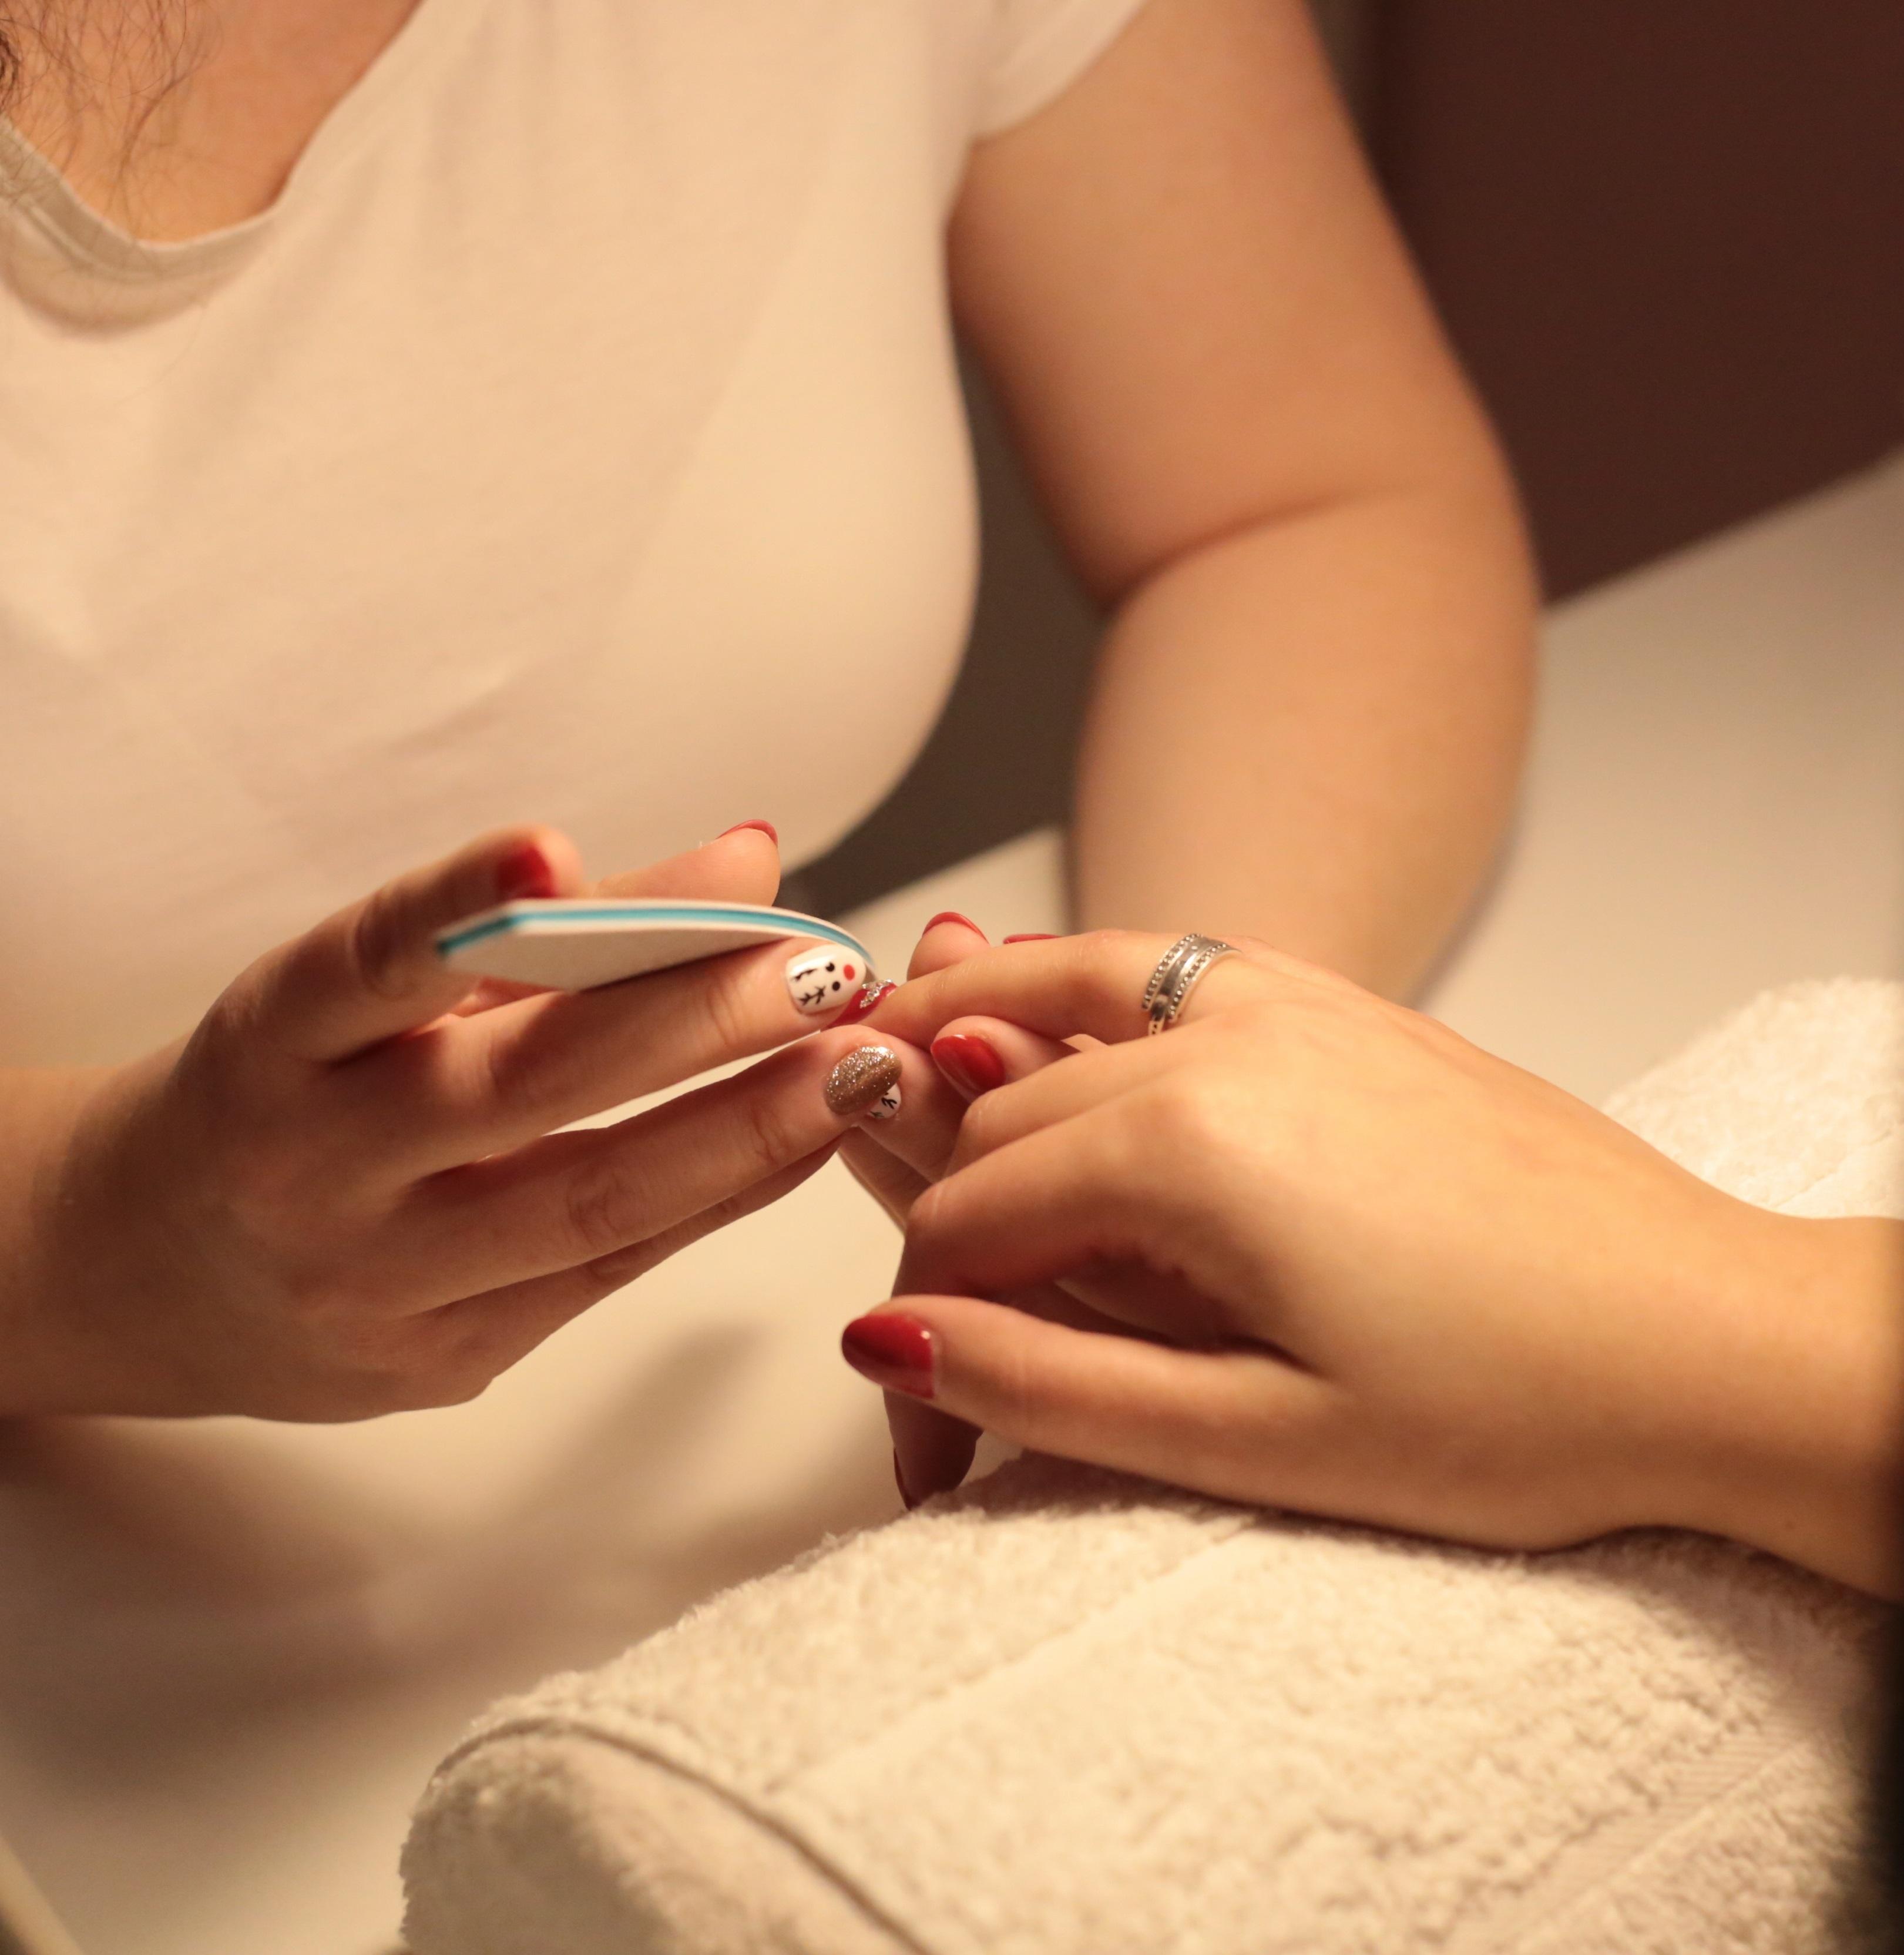 A nőiesség egyik látható megnyilvánulása a szépen ápolt kéz és láb.